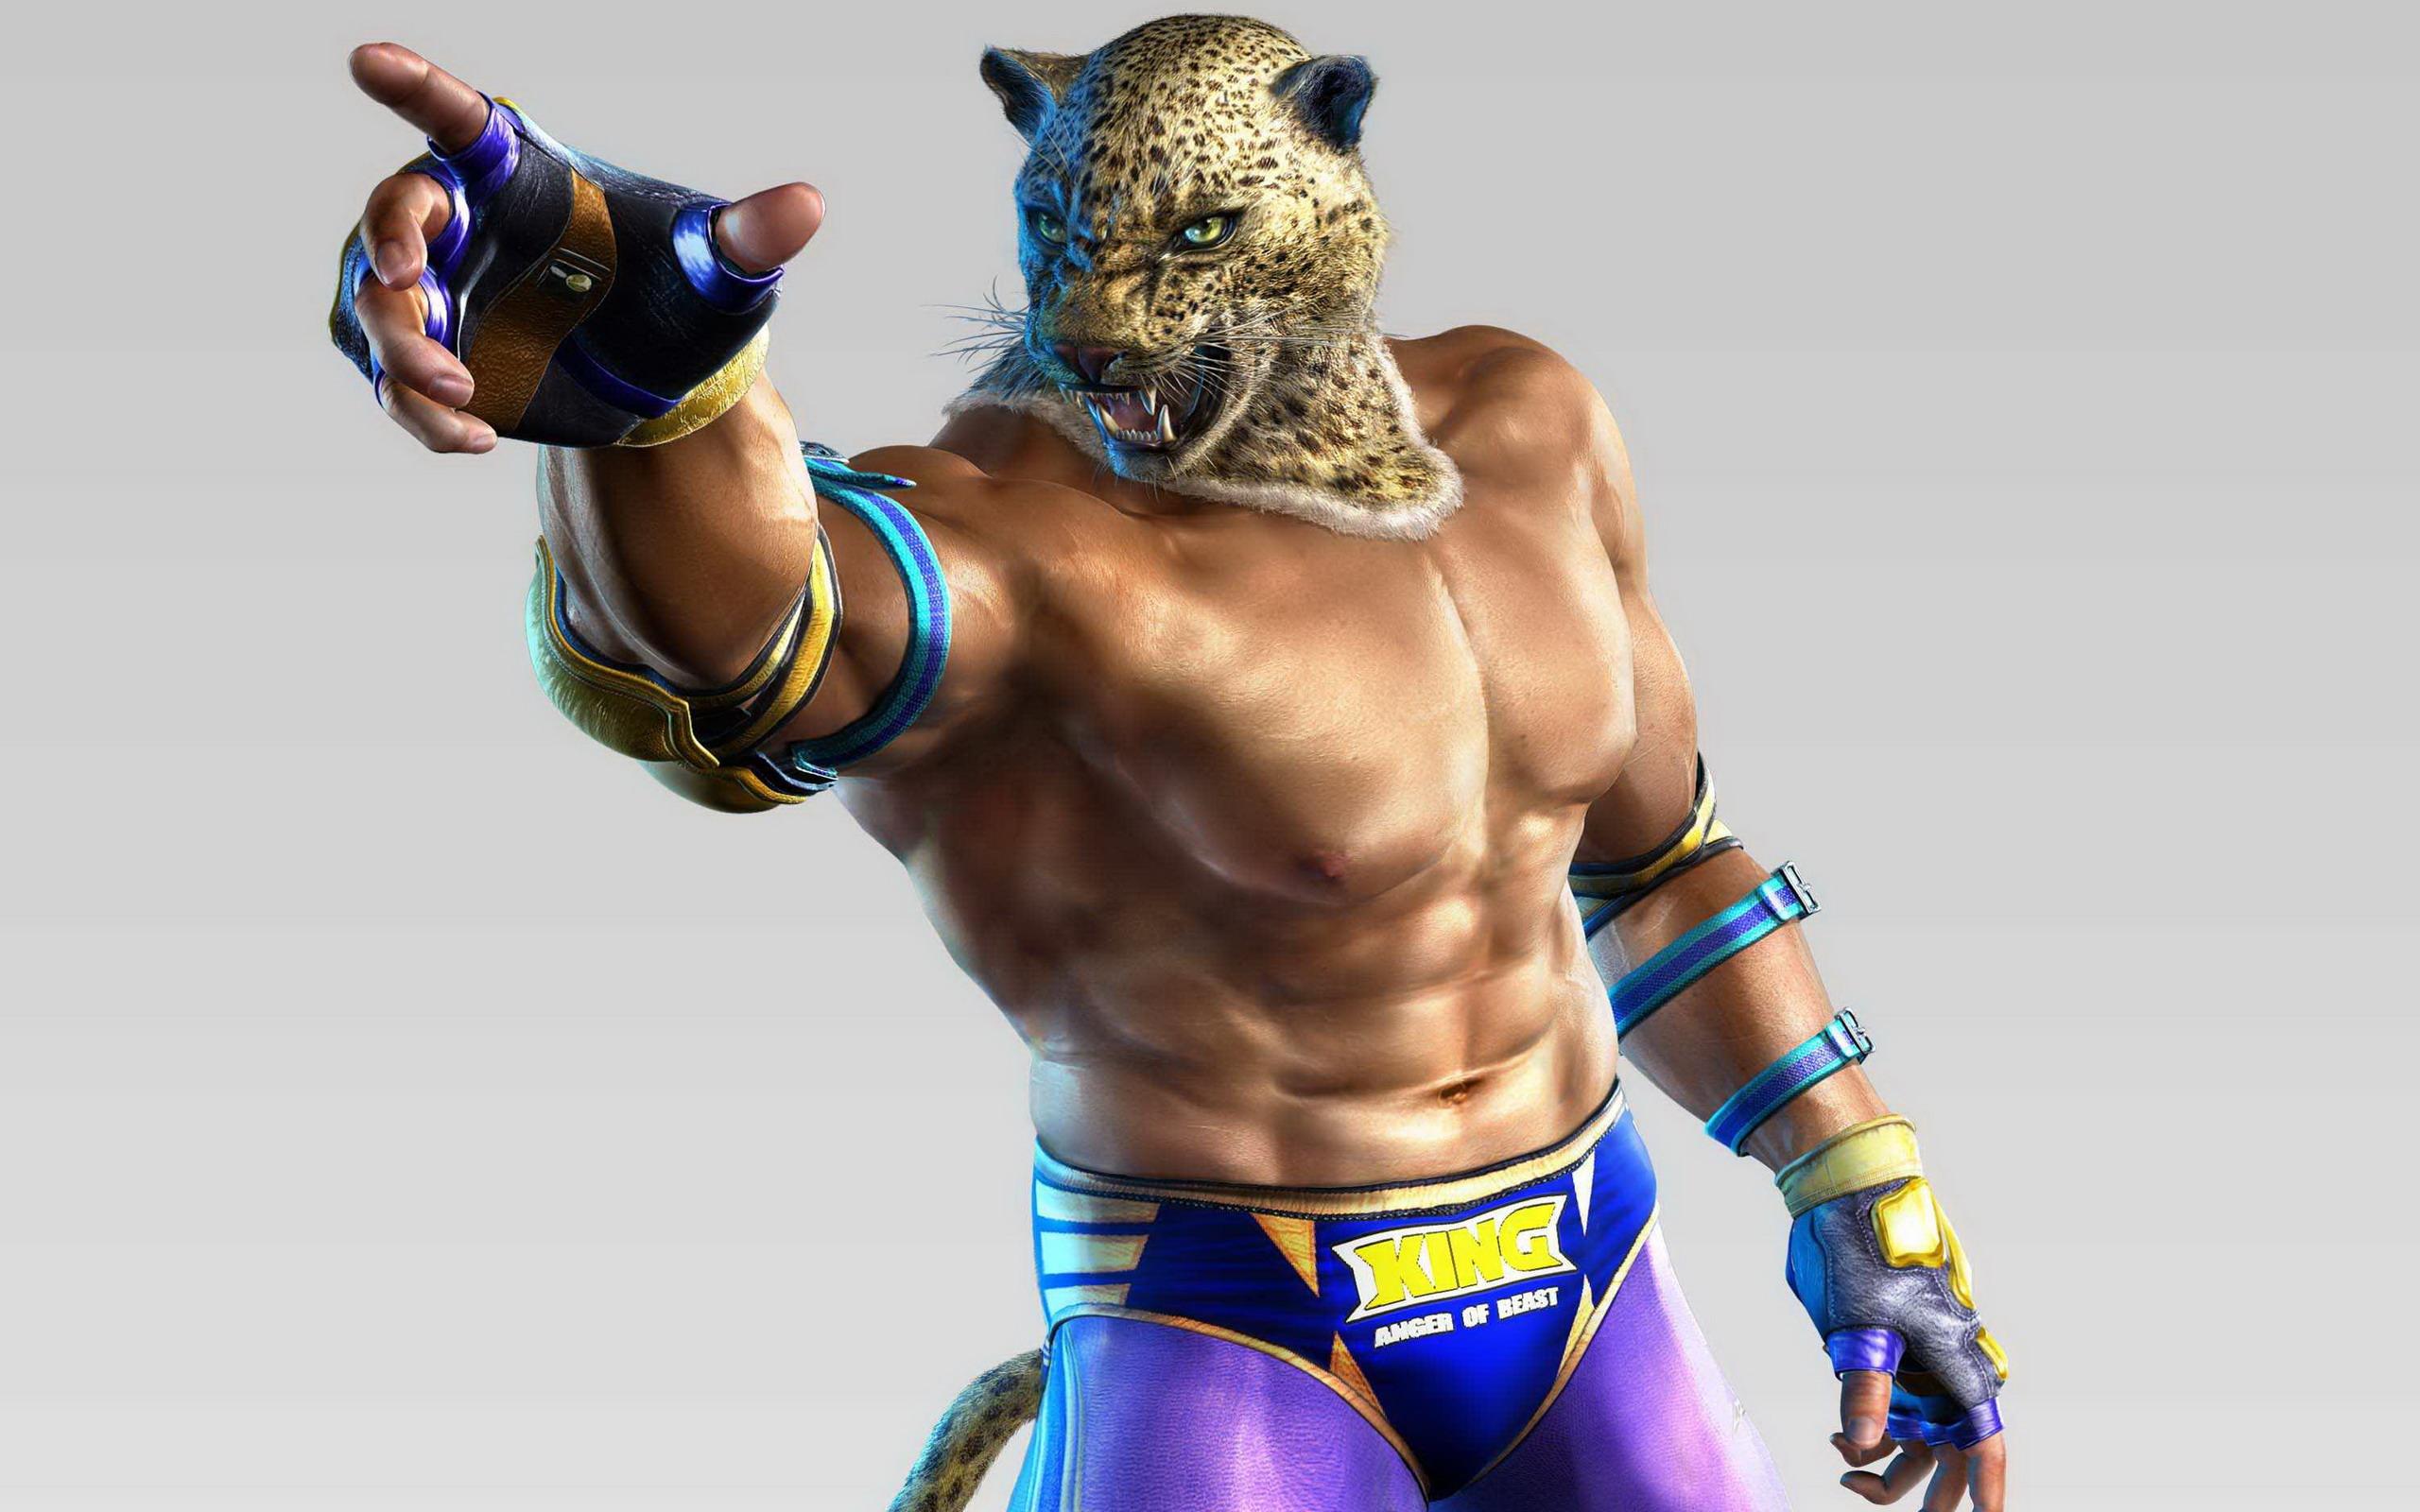 King Tekken Hd Wallpaper